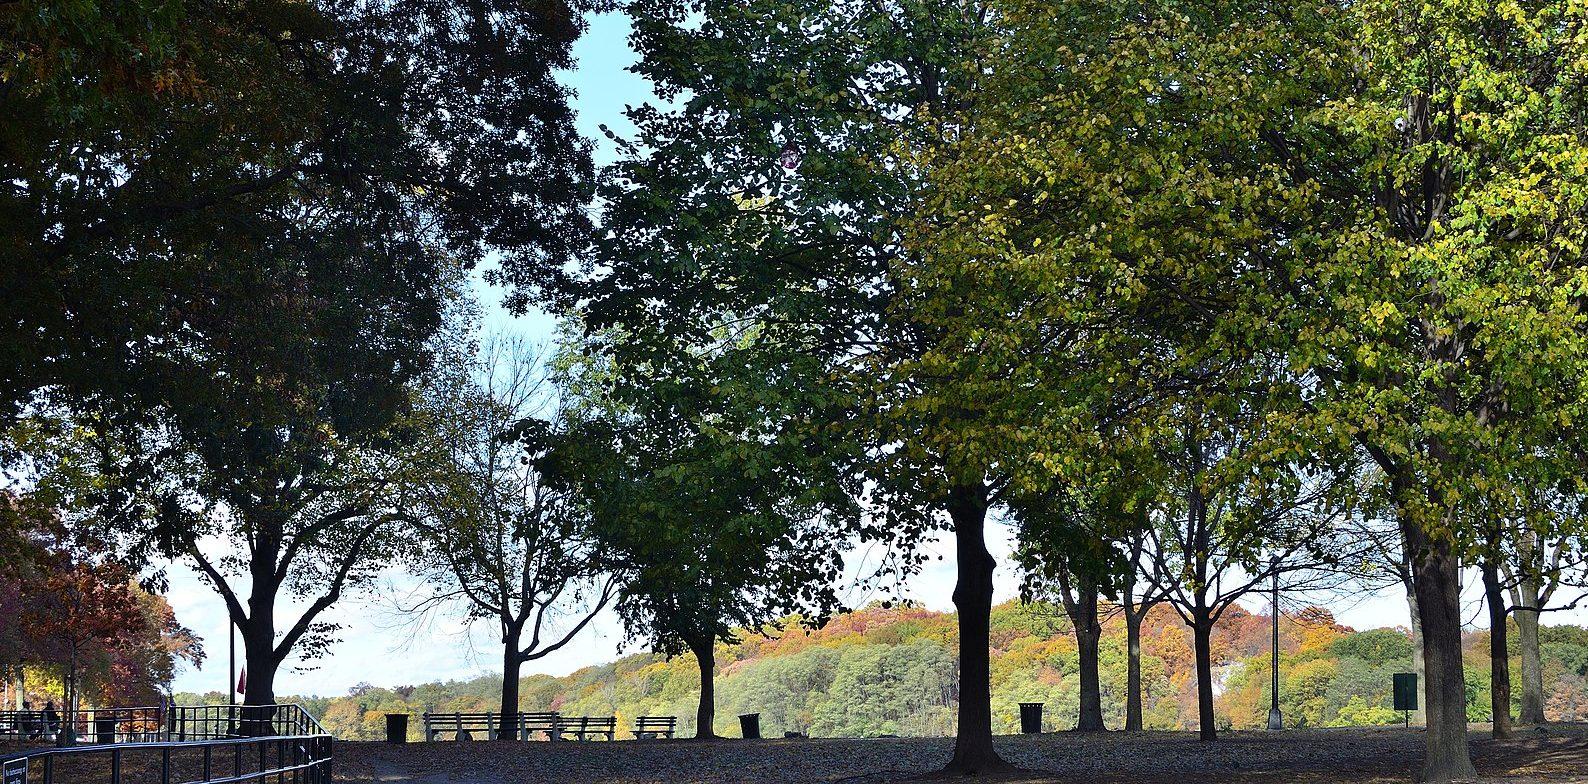 Van Cortlandt Park in the Bronx